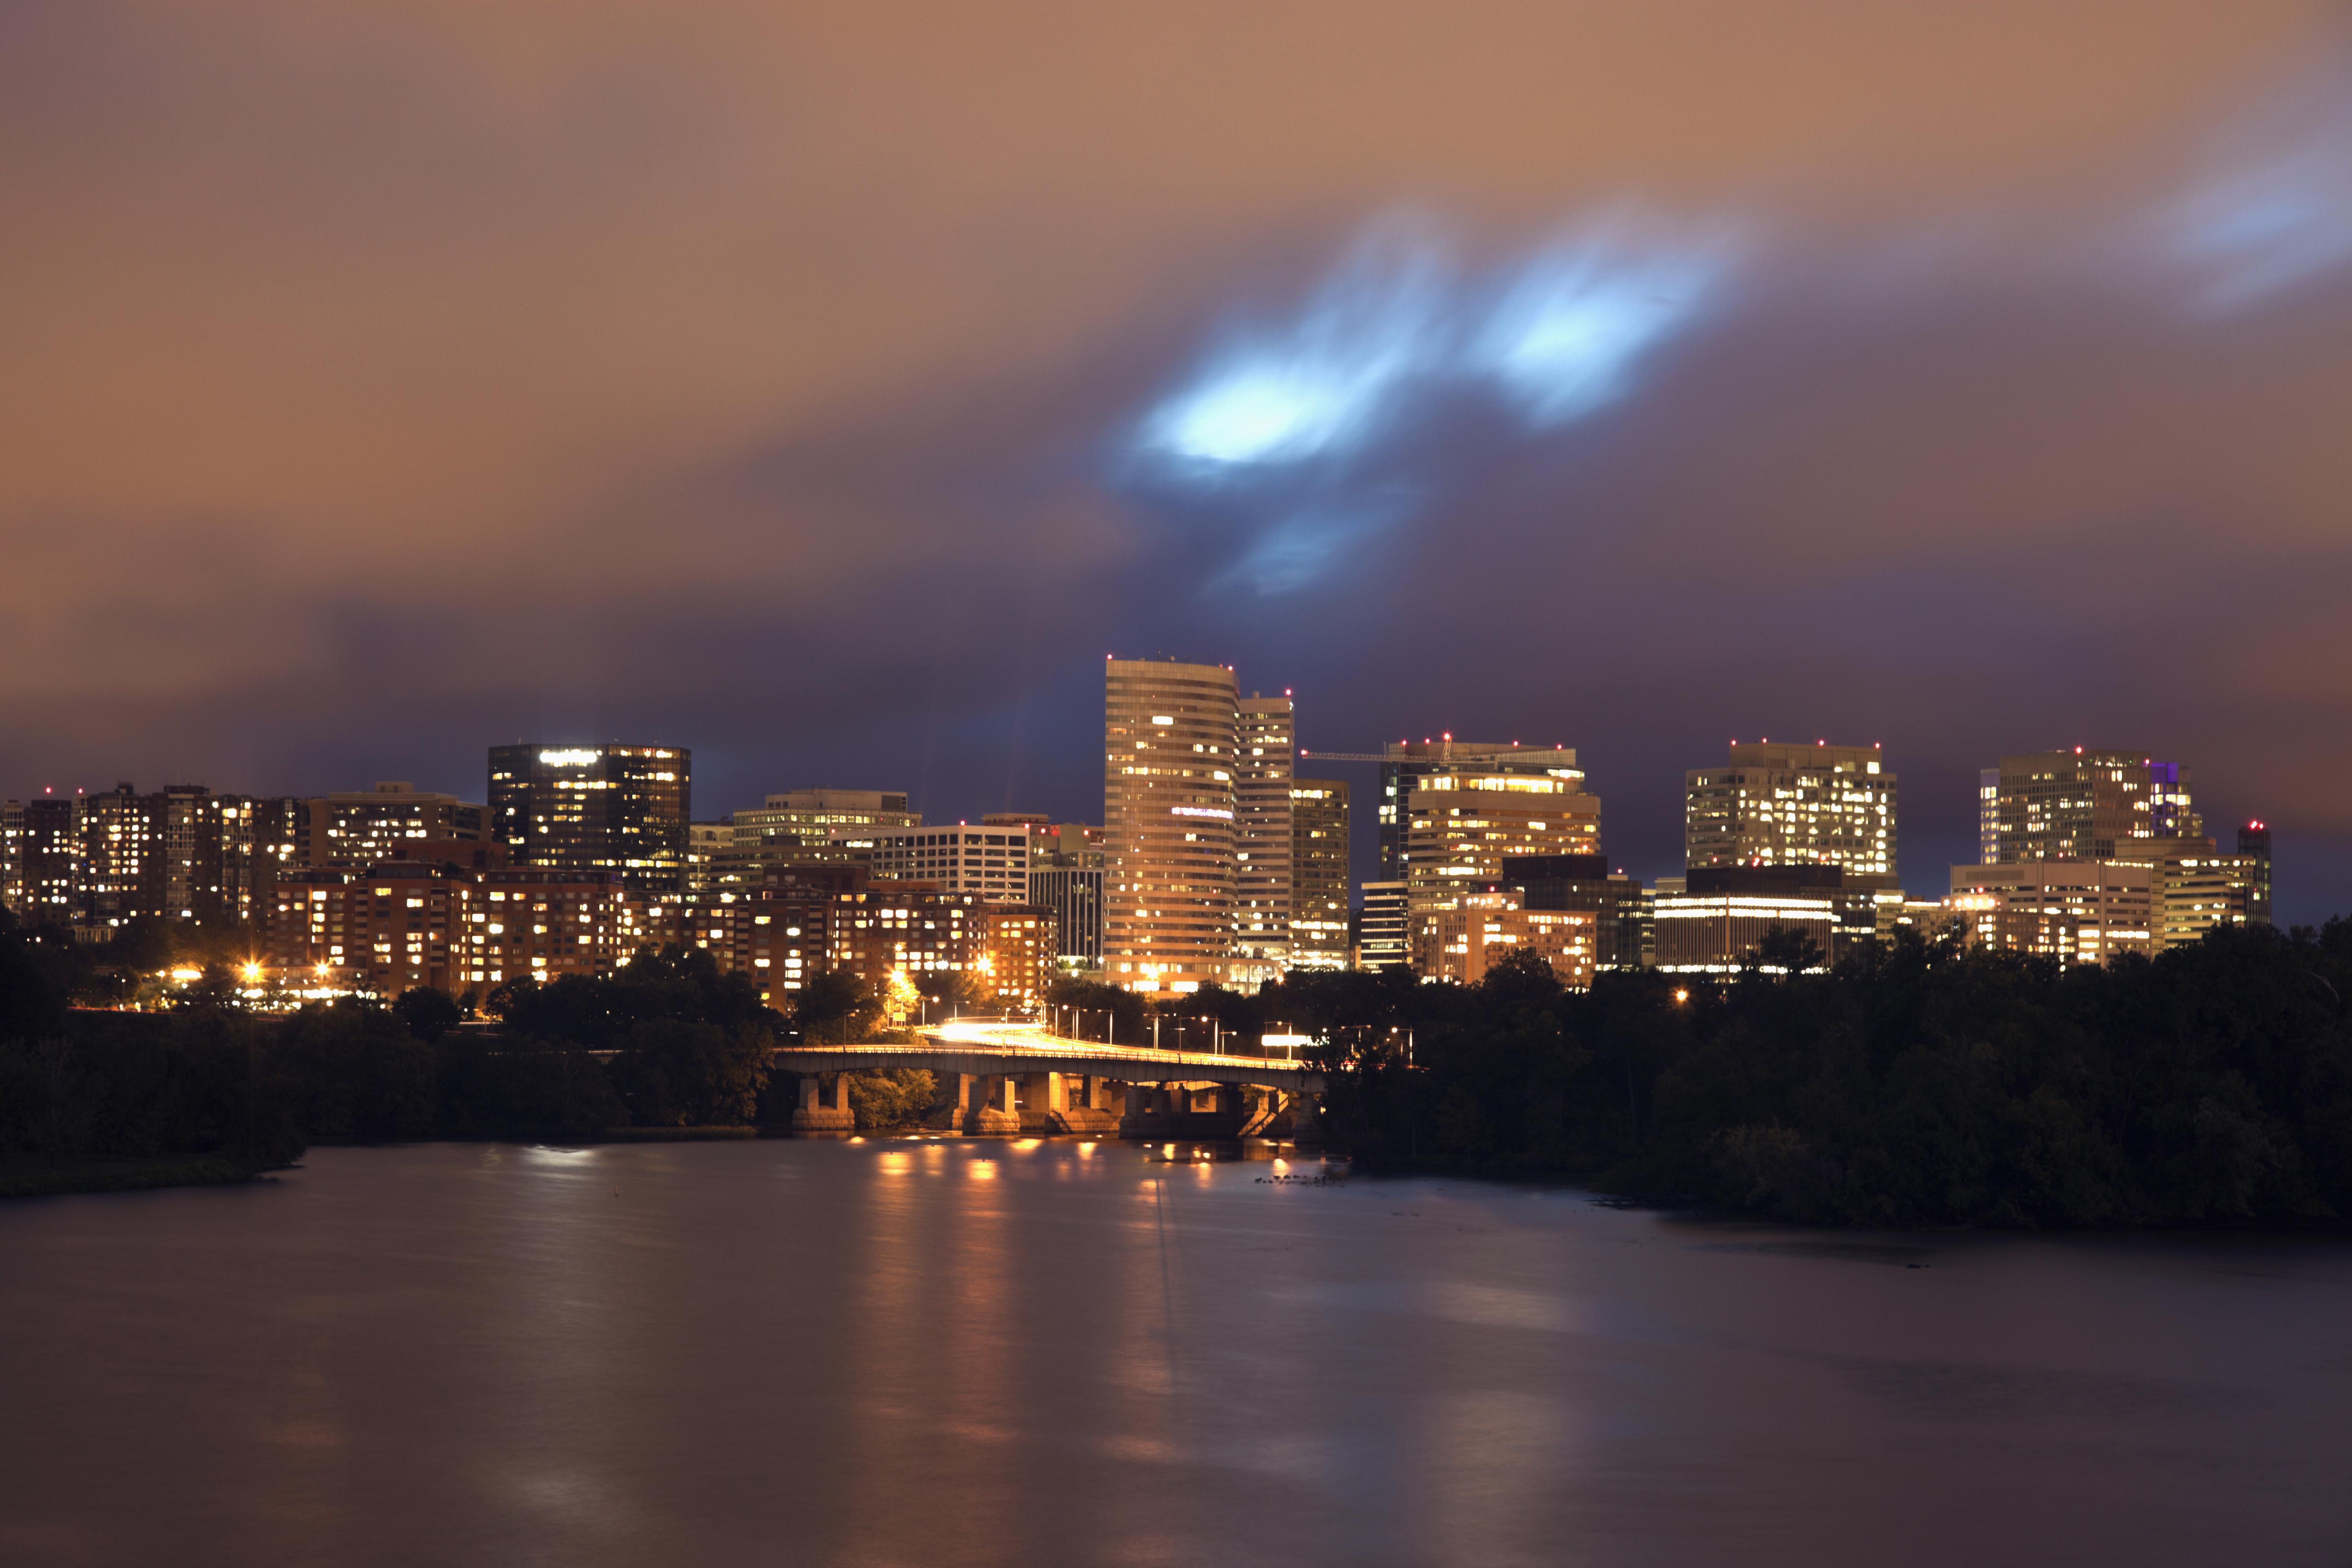 USA, Virginia, Arlington, City skyline at dusk